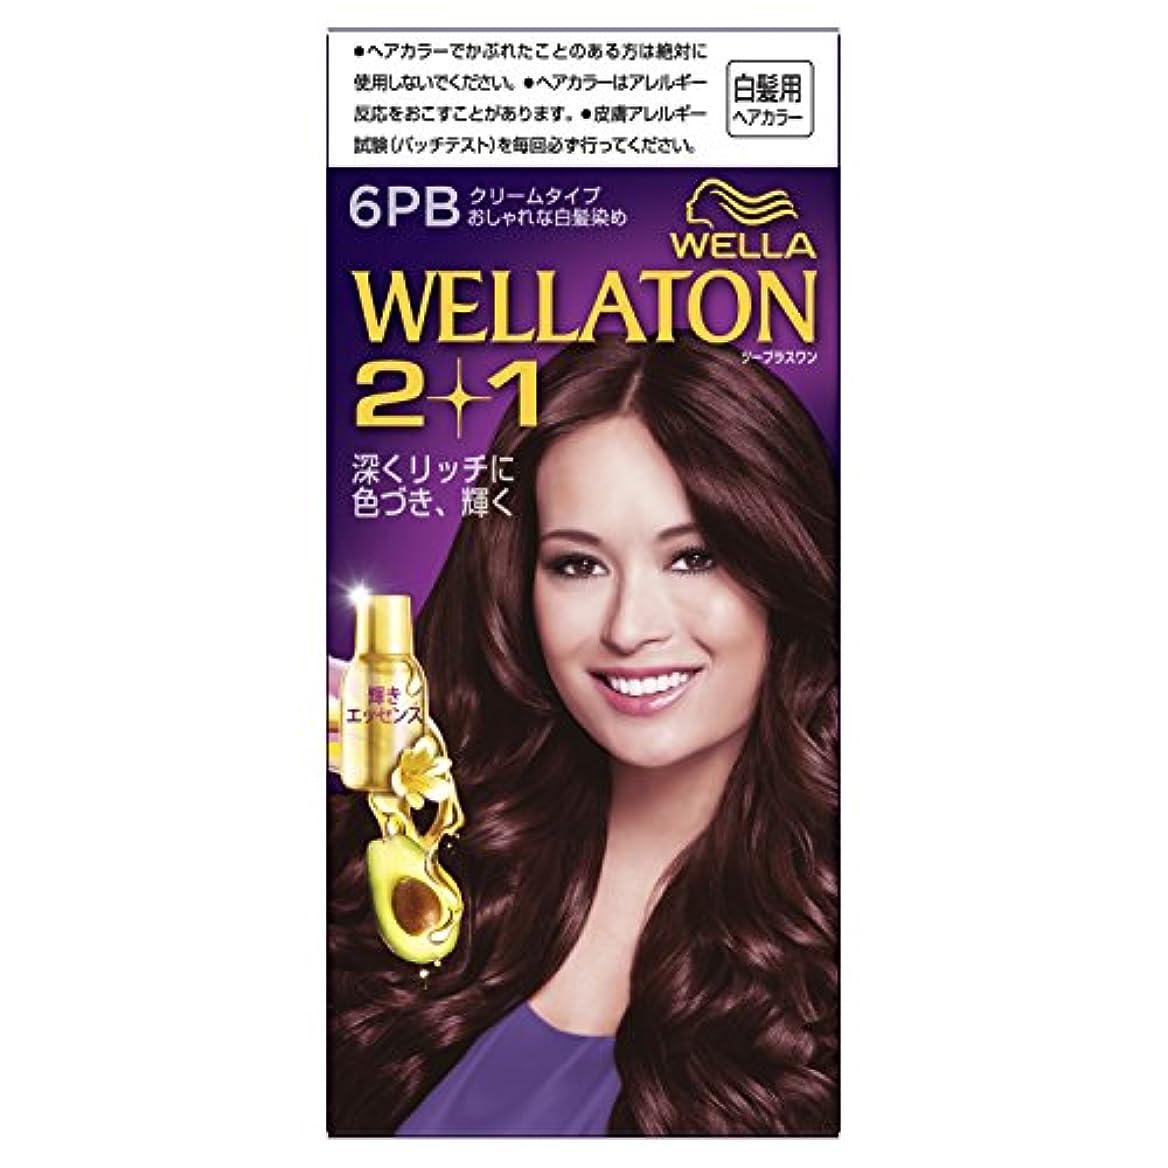 セイはさておき月曜開始ウエラトーン2+1 クリームタイプ 6PB [医薬部外品](おしゃれな白髪染め)